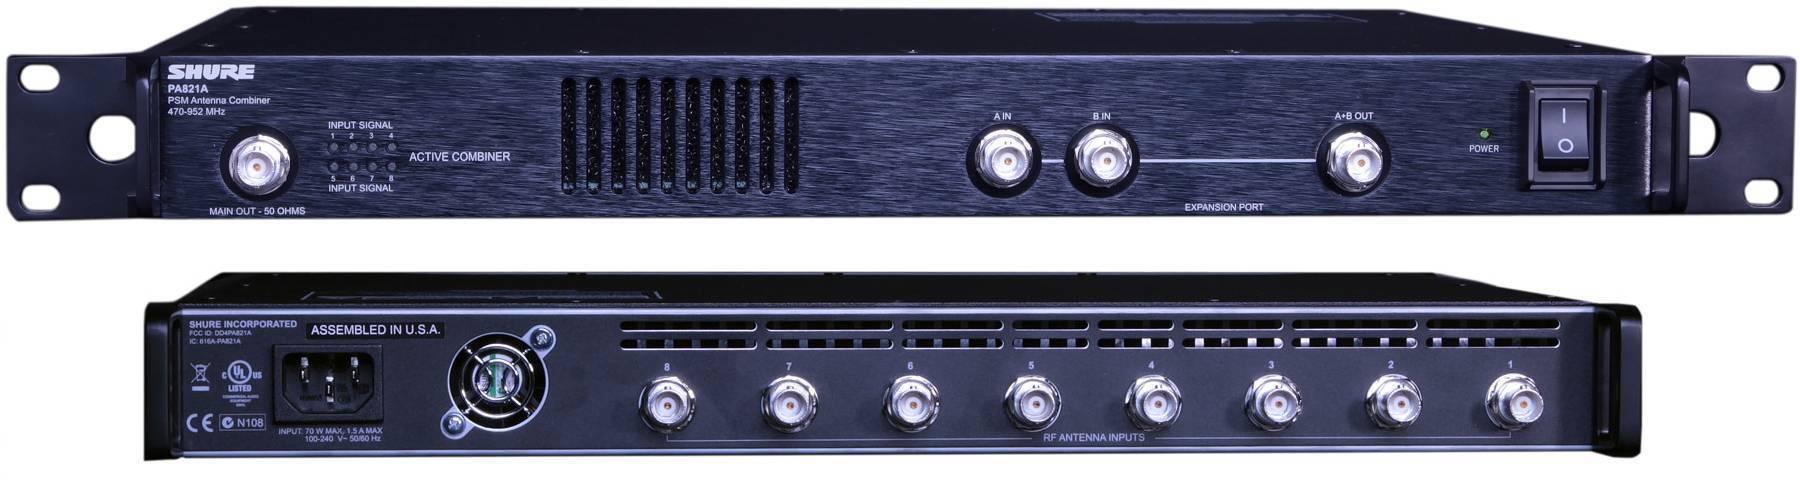 Combinador de señal de antena para 8 transmisores, compatible con todos los sistemas SHURE.